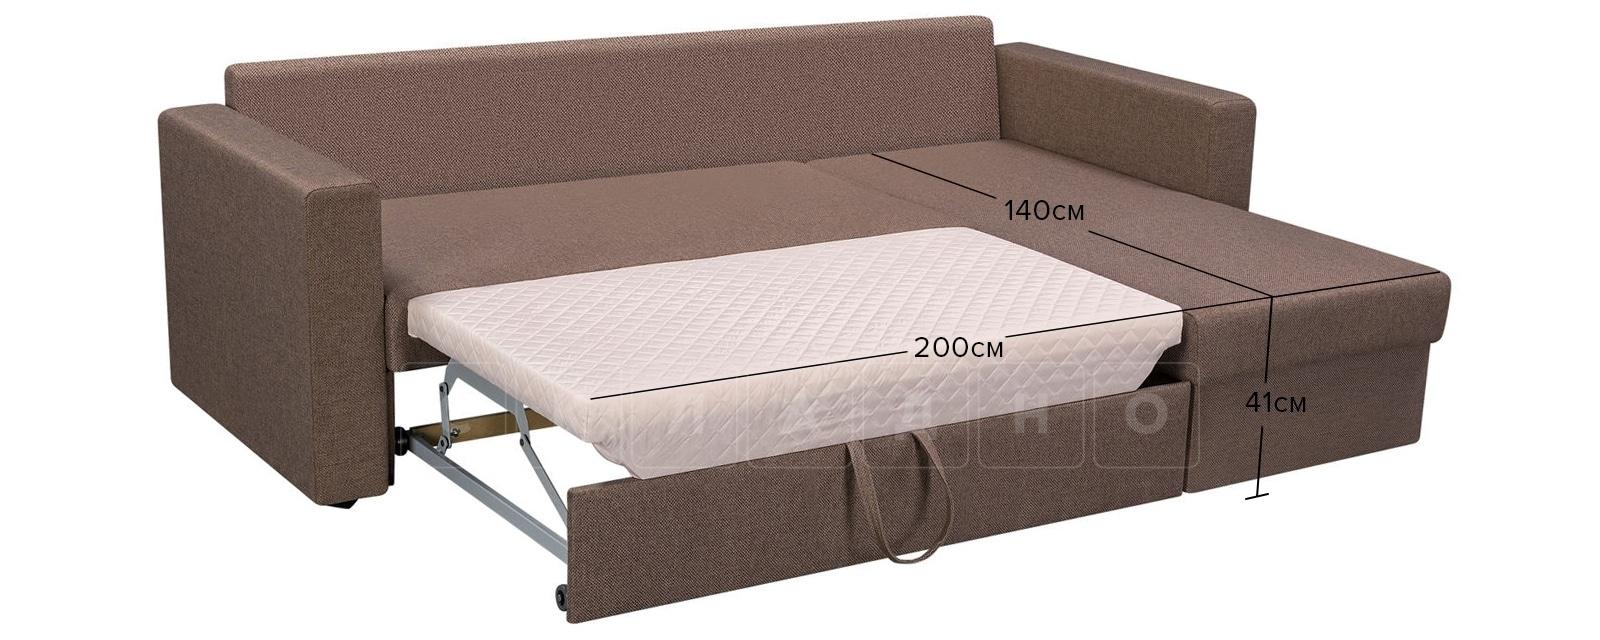 Угловой диван Турин коричневый фото 11 | интернет-магазин Складно